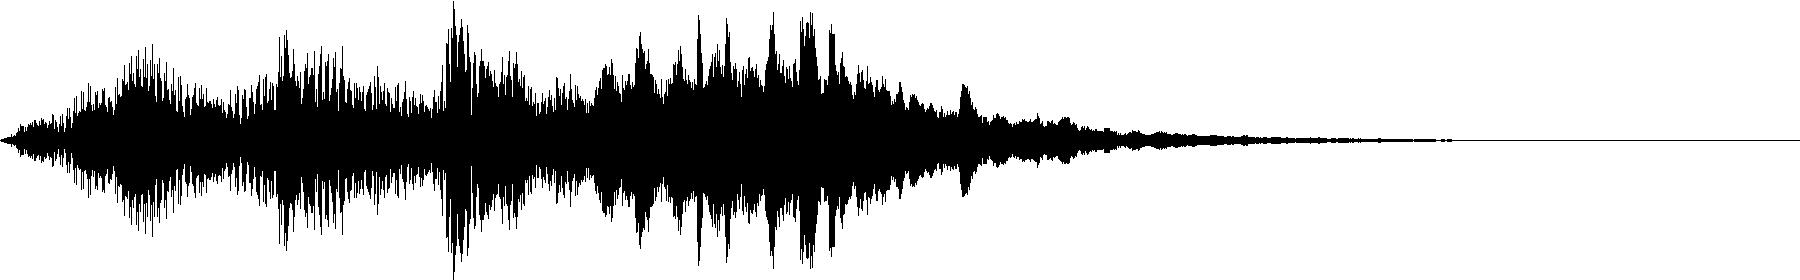 bluezone xworld sound 039